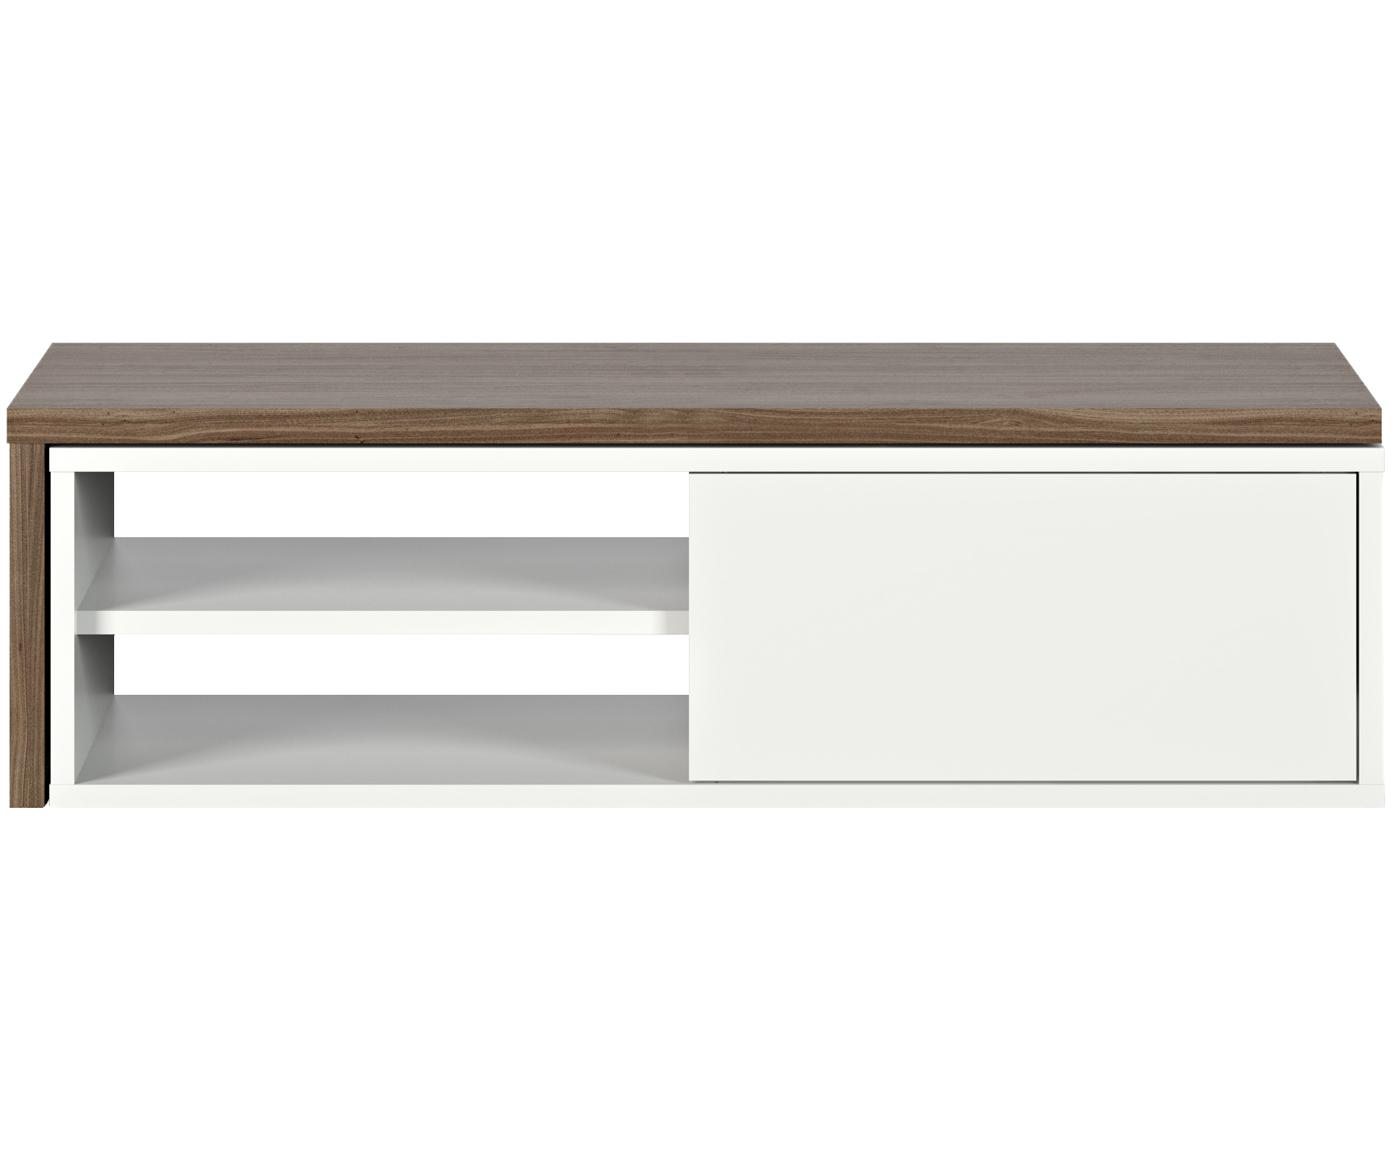 Szafka RTV z przesuwanymi drzwiczkami  Lieke, Drewno orzecha włoskiego, biały, S 110 do 203 x W 32 cm